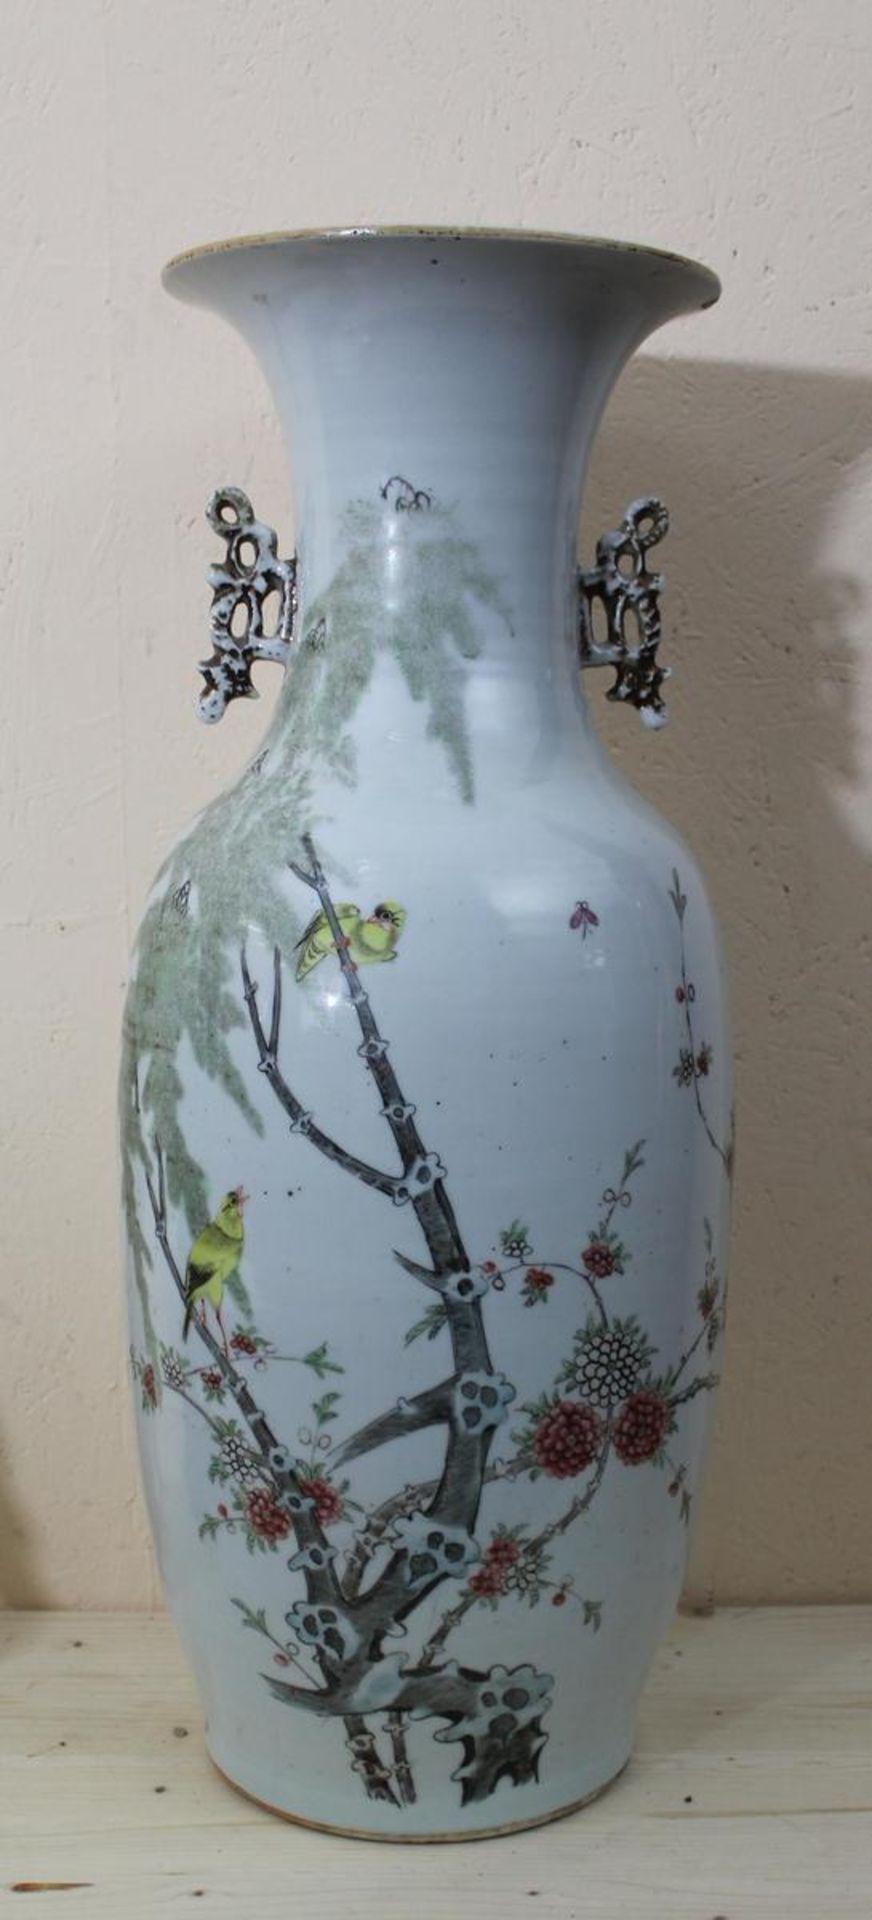 Grosse Vase China Jingdezhen shu pin, Republikzeit 1920-40, Porzellan mehrfarbig staffiert mit